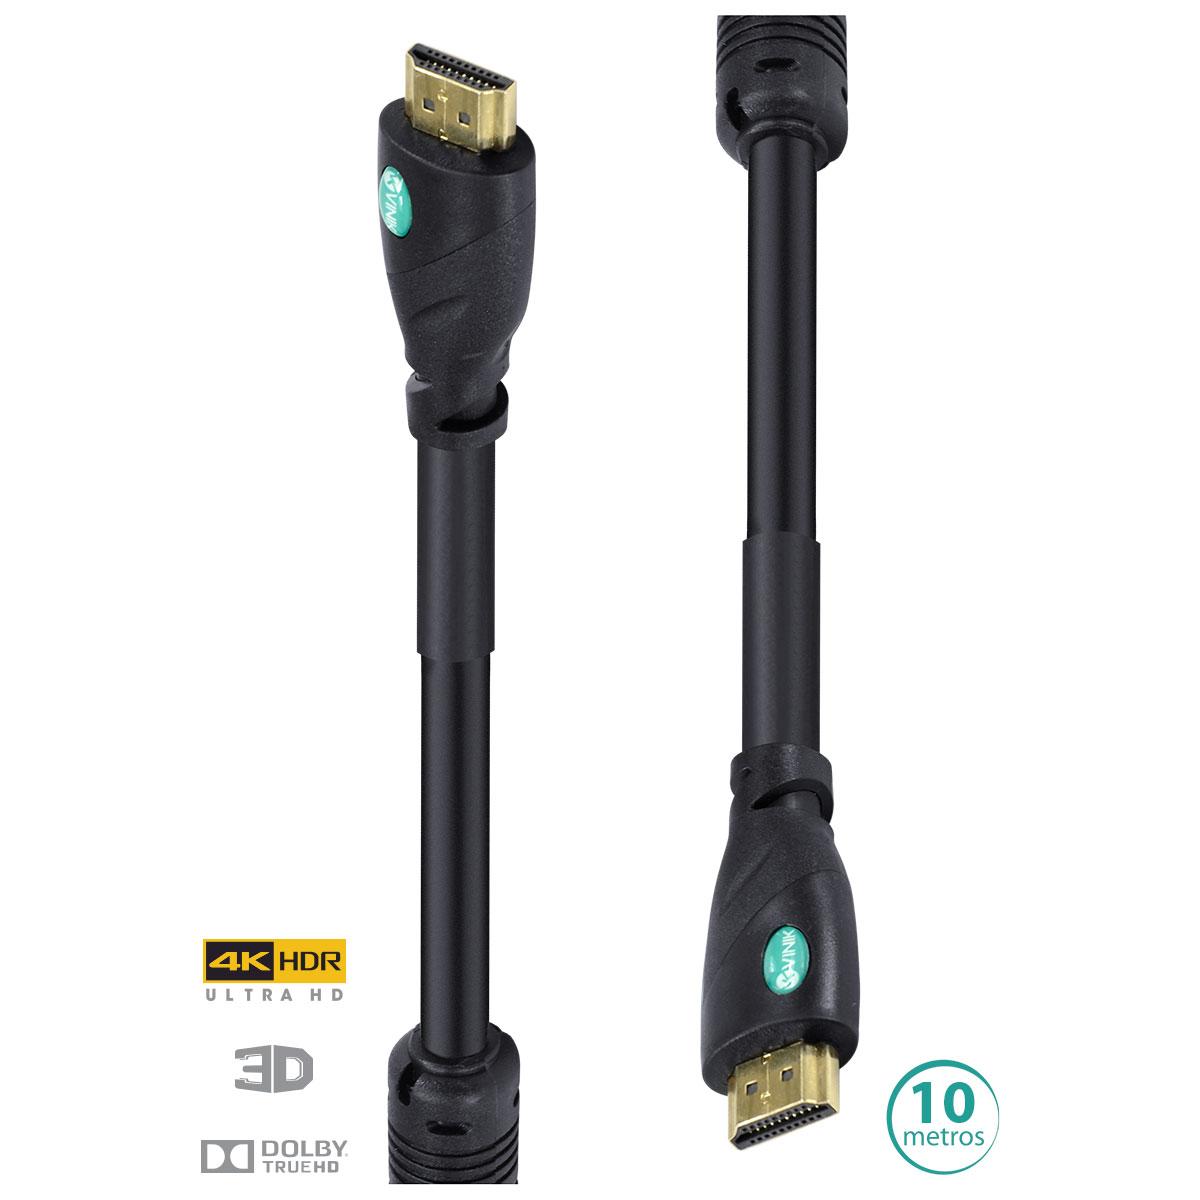 CABO HDMI 2.0 4K ULTRA HD 3D CONEXÃO ETHERNET COM FILTRO 10 METROS - H20F-10